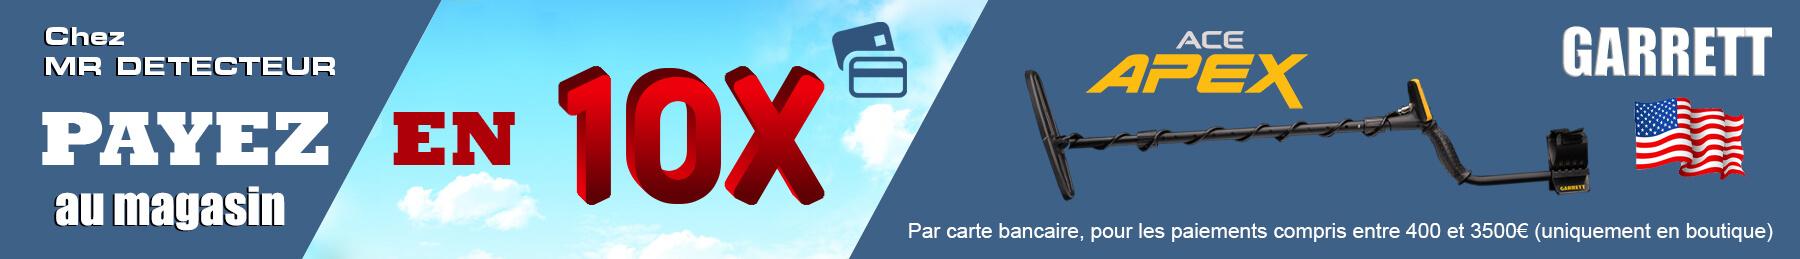 paiement-plusieurs-fois-detecteur-metaux-garrett-ace-apex.jpg